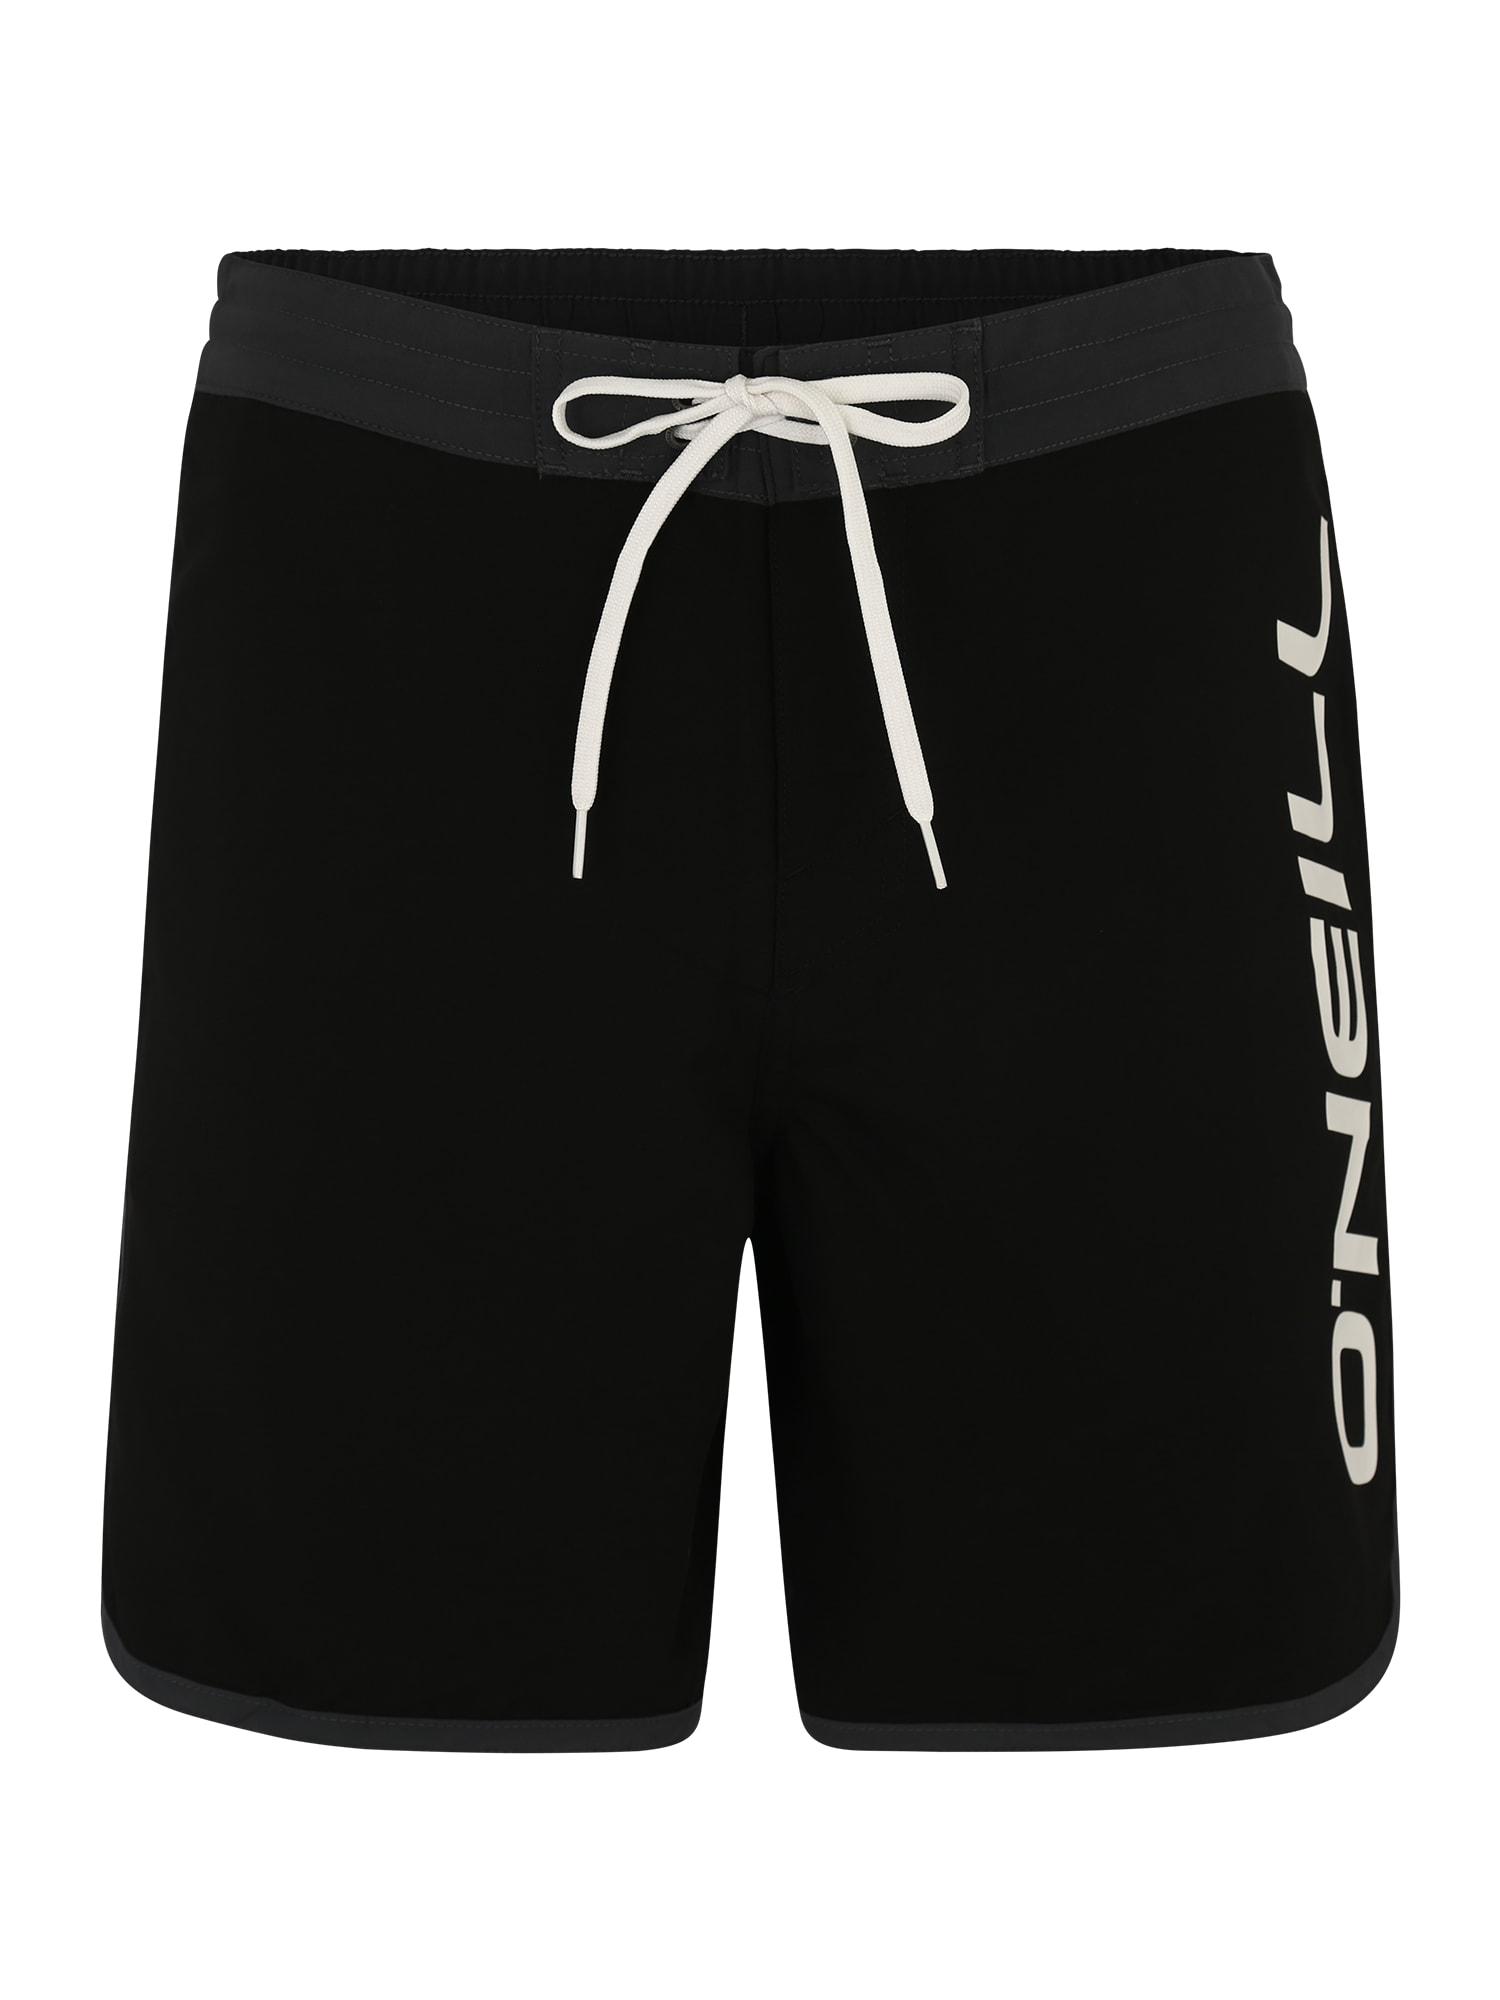 ONEILL Sportovní plavky  tmavě šedá  černá  bílá O'NEILL